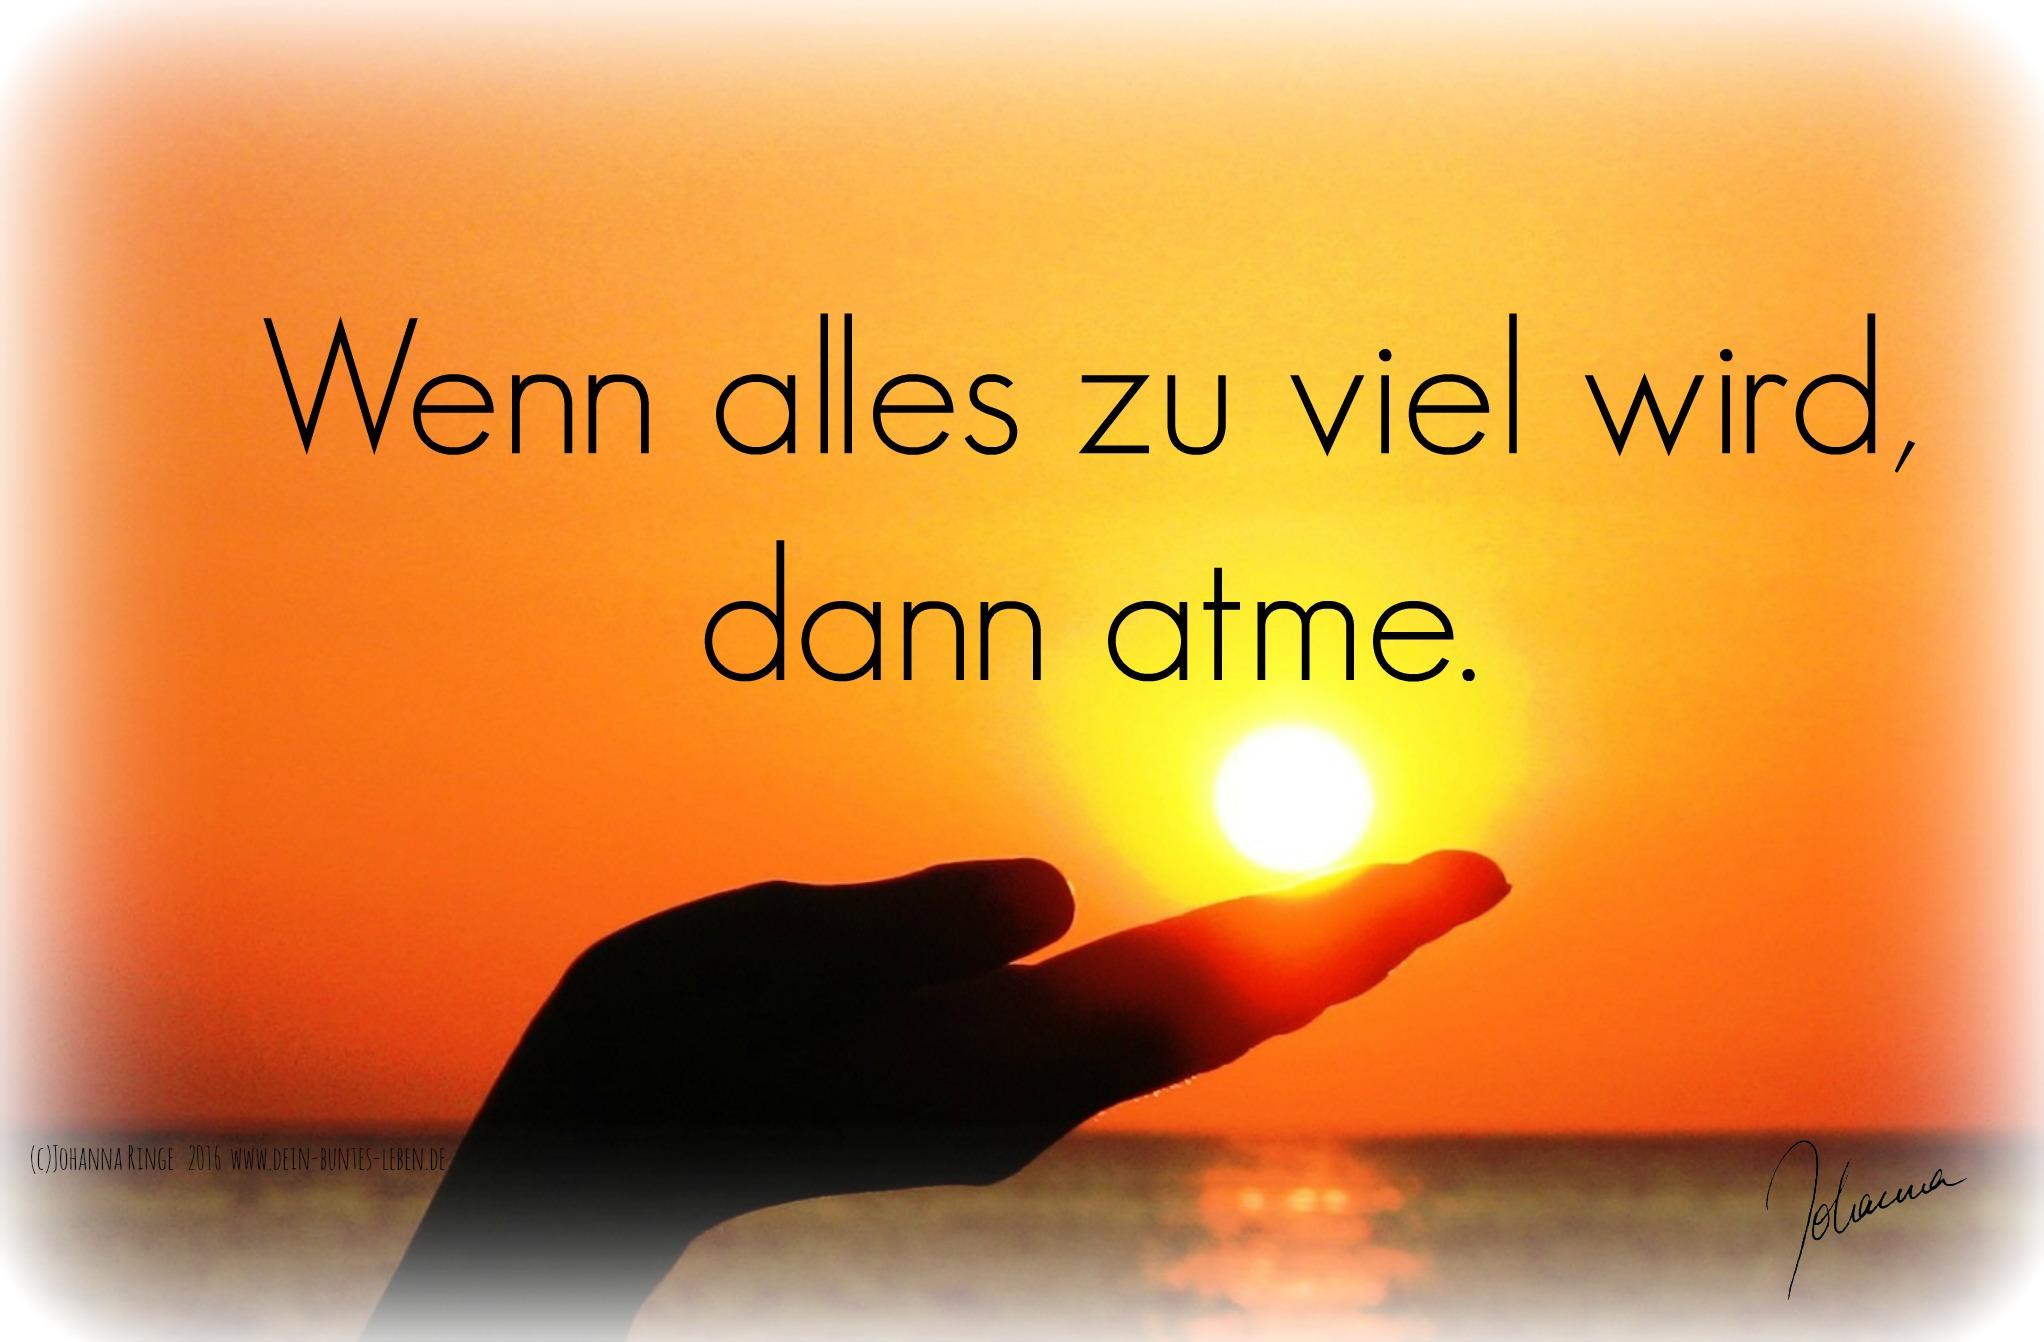 Wenn alles zu viel wird, dann atme! (c) Johanna Ringe 2016 www.dein-buntes-leben.de